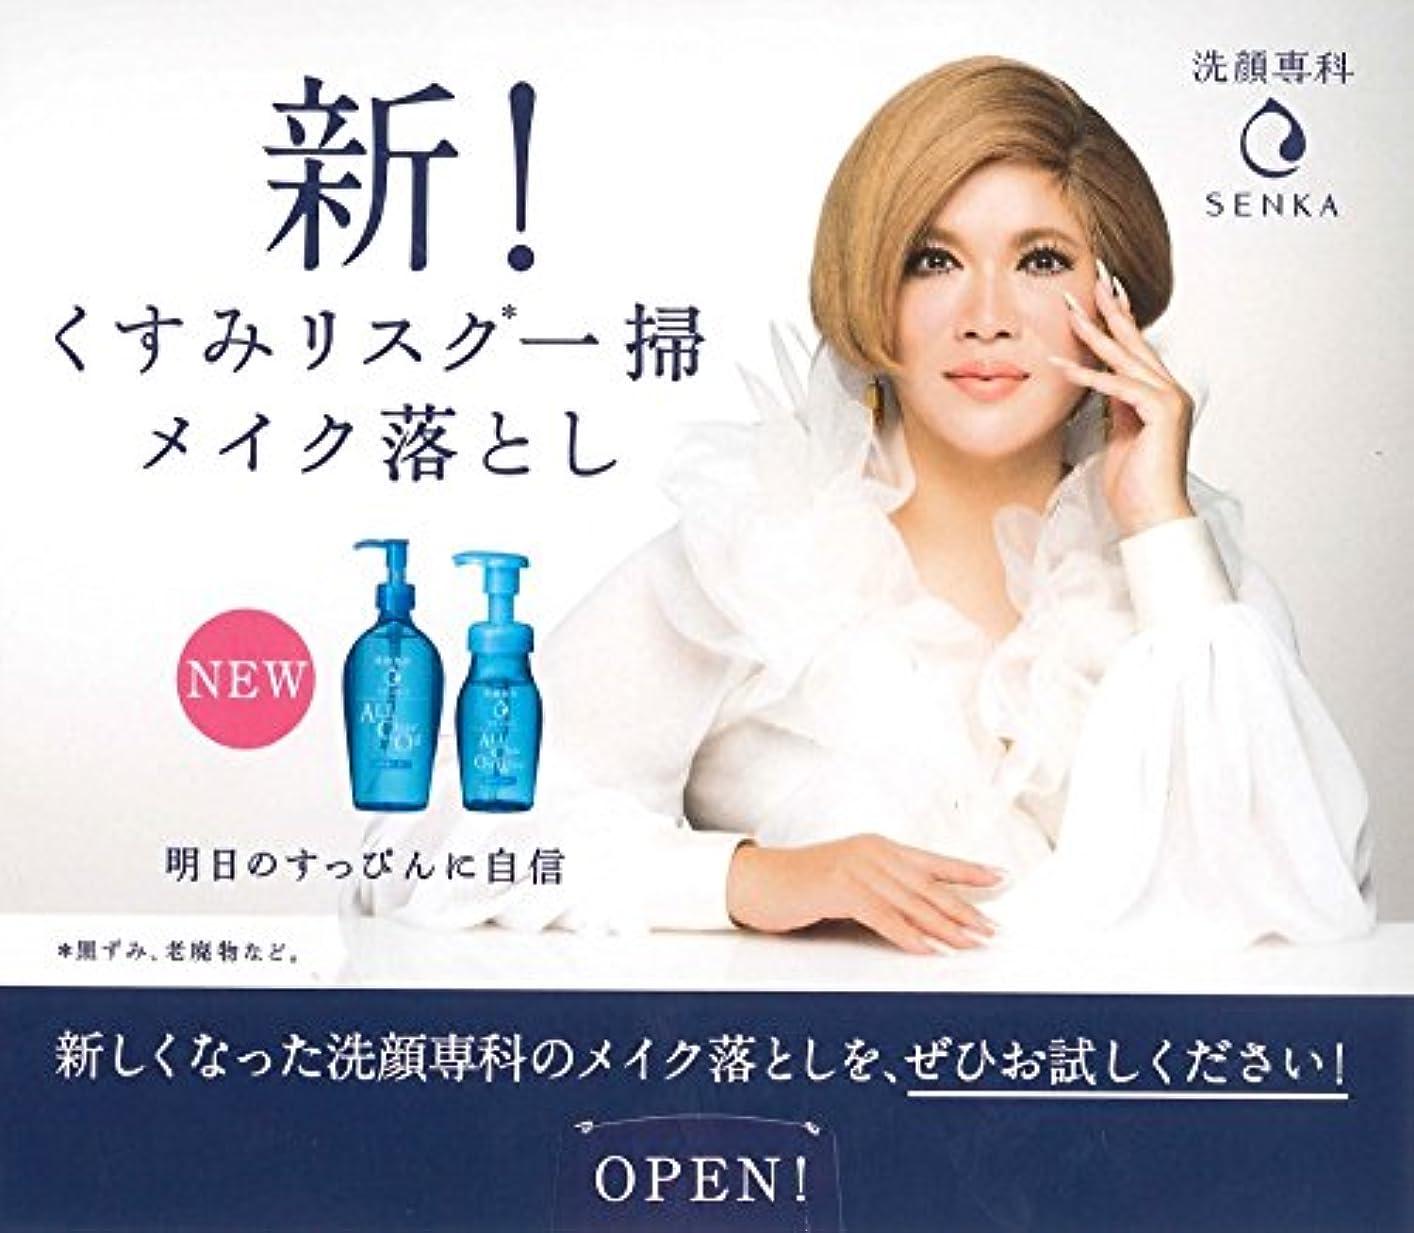 レシピ黙認する優越洗顔専科 オールクリアオイルサンプル 2.5ml×2  【実質無料サンプルストア対象】